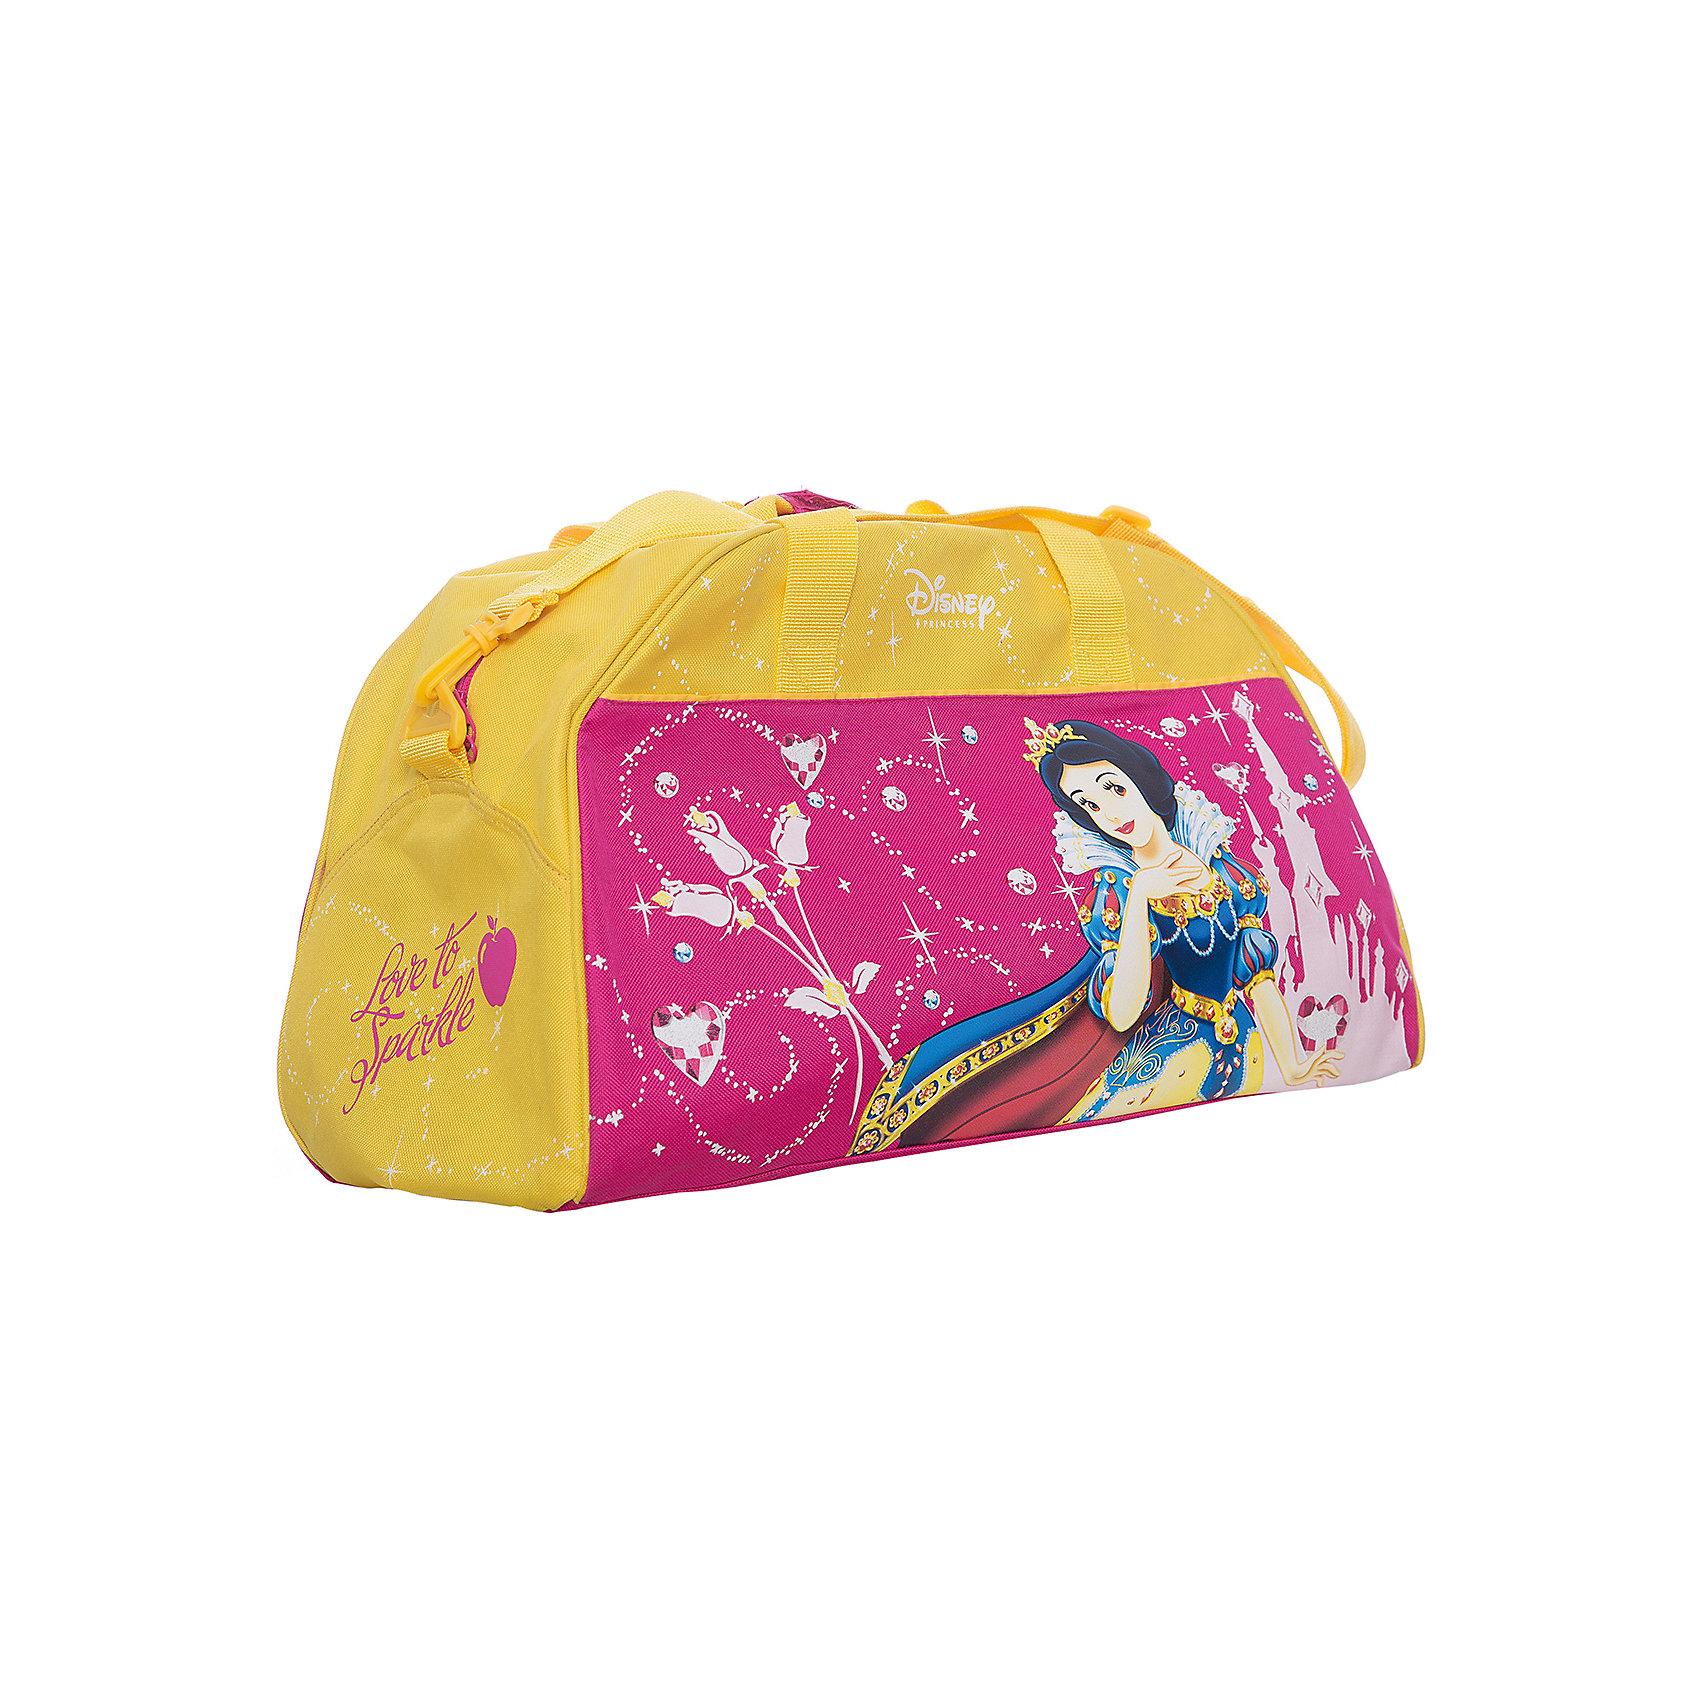 Сумка спортивная Принцессы ДиснейУдобная и вместительная сумка Принцессы одинаково элегантно может использоваться как дорожная или спортивная. <br><br>Дополнительная информация:<br><br>Ручки и наплечный ремень.<br>Размеры: 400*260*220 мм<br><br>Сумку спортивную Принцессы Дисней можно купить в нашем магазине.<br><br>Ширина мм: 400<br>Глубина мм: 260<br>Высота мм: 220<br>Вес г: 615<br>Возраст от месяцев: 48<br>Возраст до месяцев: 84<br>Пол: Женский<br>Возраст: Детский<br>SKU: 3109903